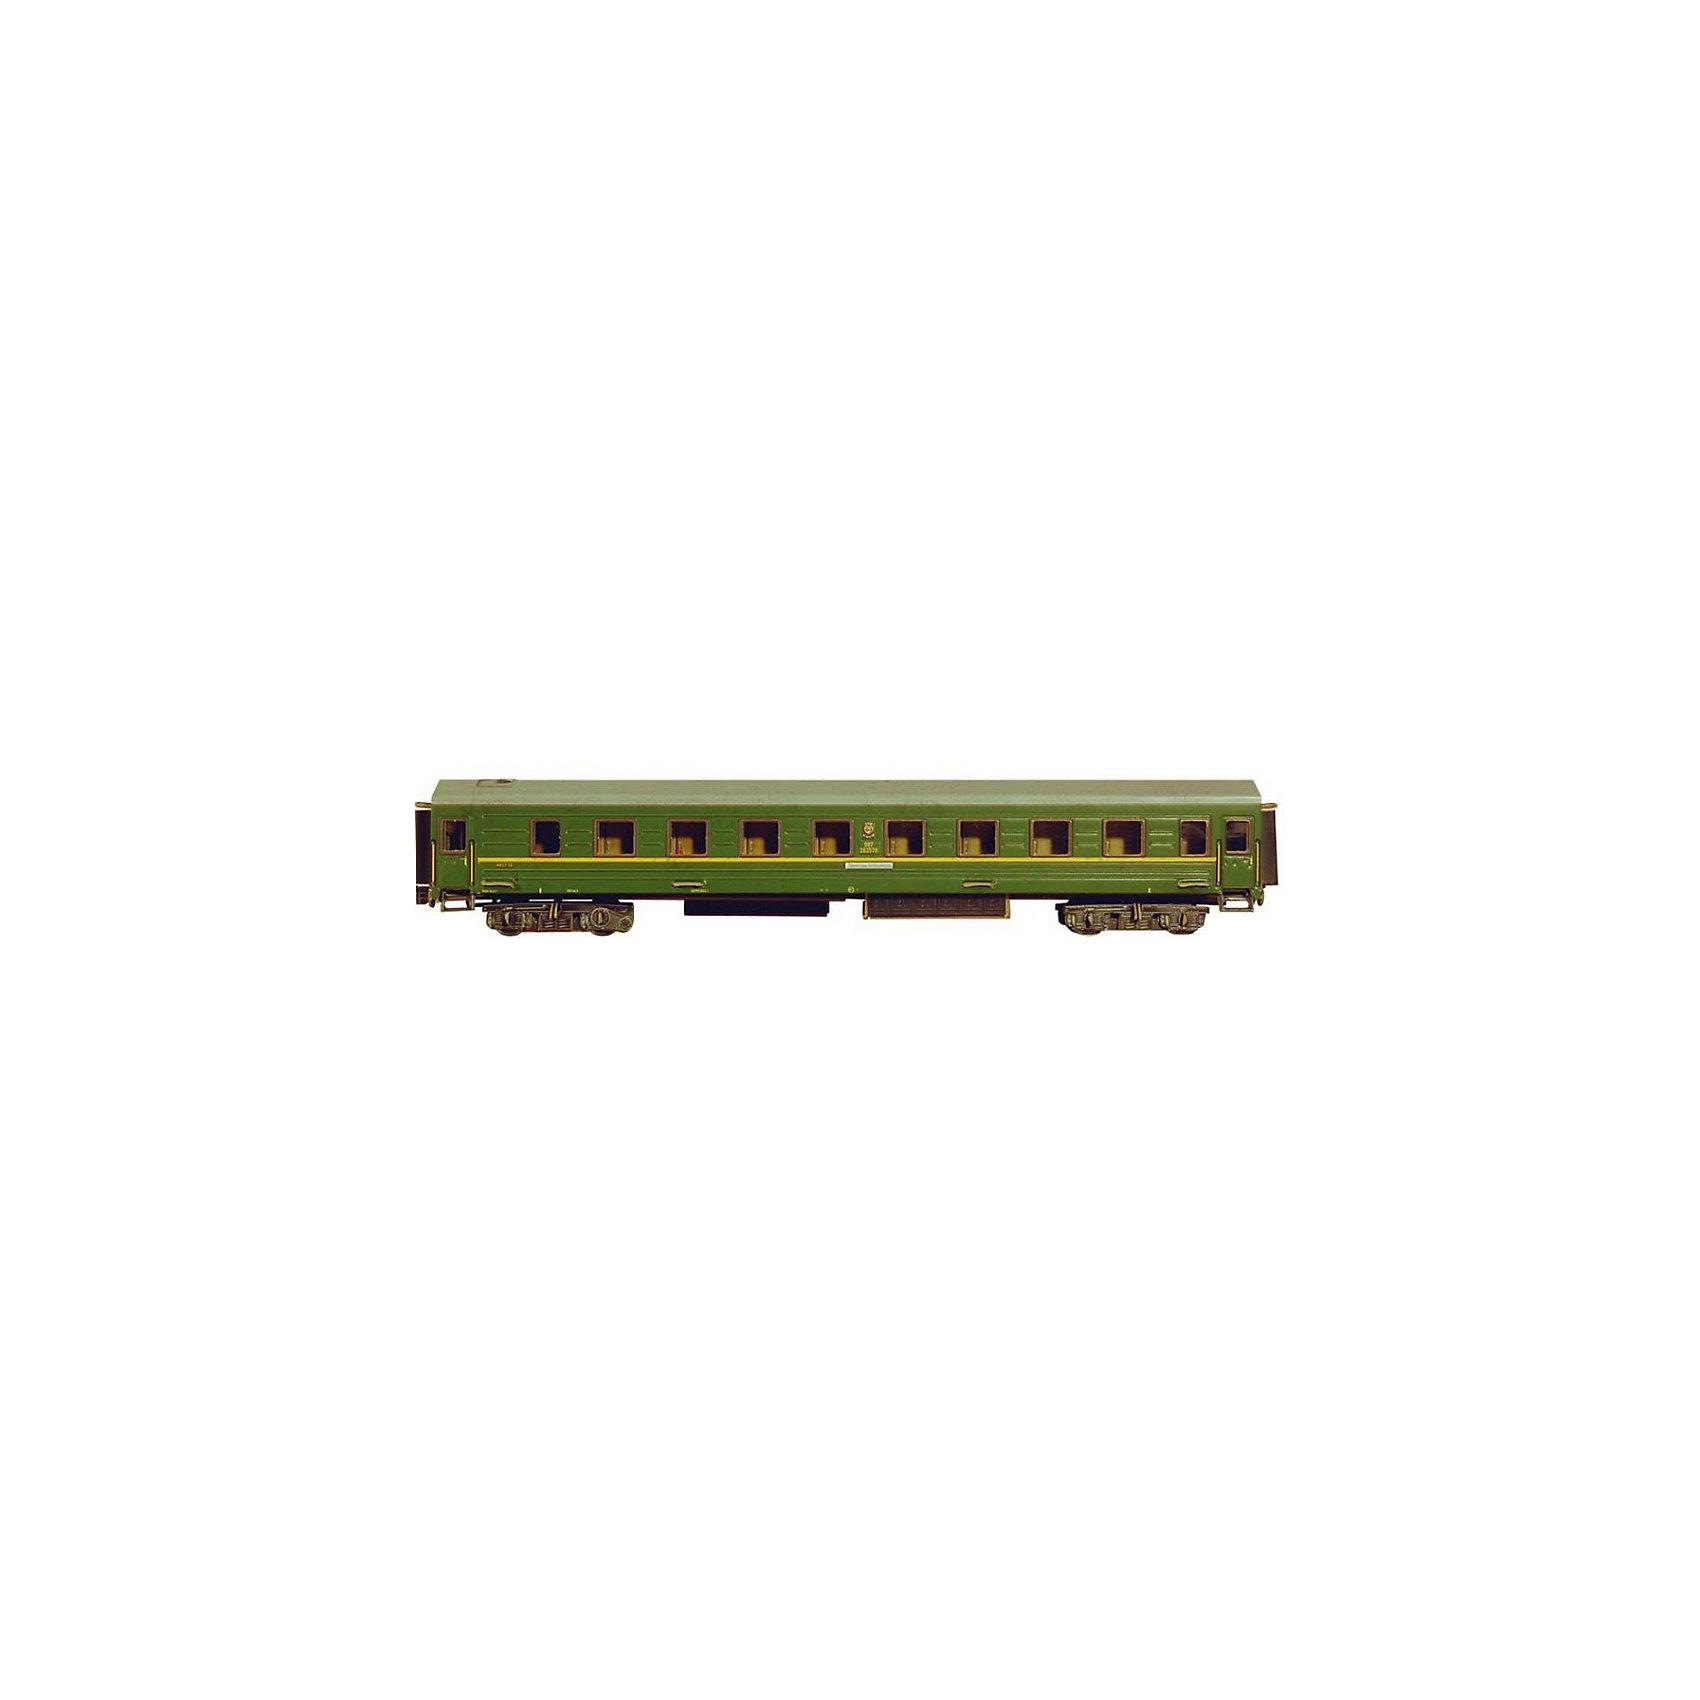 Сборная модель Спальный вагонМодели из картона и бумаги<br>Спальный вагон (Эпоха IV) - Сборная модель из картона. Серия: Масштабные модели. Количество деталей, шт: 59. Размер в собранном виде, см: 29 х 4 х 5,5. Размер упаковки, мм.:  высота 340 ширина 243 глубина 3. Тип упаковки: Пакет ПП с подвесом. Вес, гр.: 153. Возраст: от 9 лет. Все модели и игрушки, созданные по технологии УМНАЯ БУМАГА собираются без ножниц и клея, что является их неповторимой особенностью.<br>Принцип соединения деталей запатентован. Соединения деталей продуманы и просчитаны с такой точностью, что при правильной сборке с моделью можно играть, как с обычной игрушкой.<br><br>Ширина мм: 243<br>Глубина мм: 3<br>Высота мм: 340<br>Вес г: 153<br>Возраст от месяцев: 108<br>Возраст до месяцев: 2147483647<br>Пол: Унисекс<br>Возраст: Детский<br>SKU: 4807444